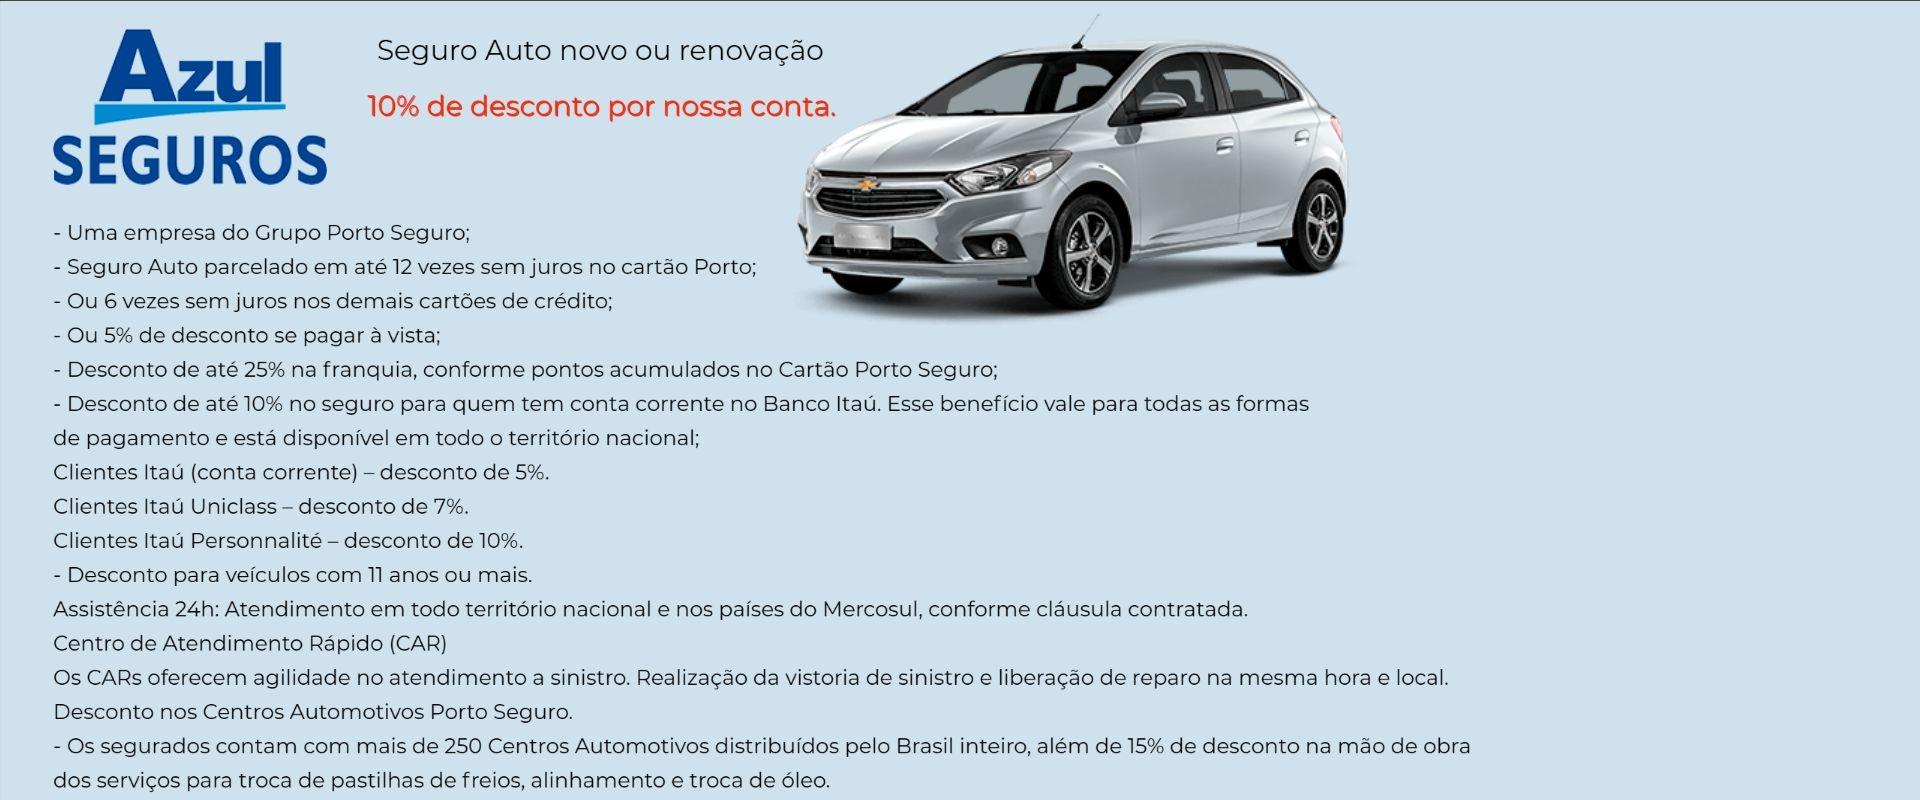 Azul Seguro Auto com Desconto em São Bernardo do Campo